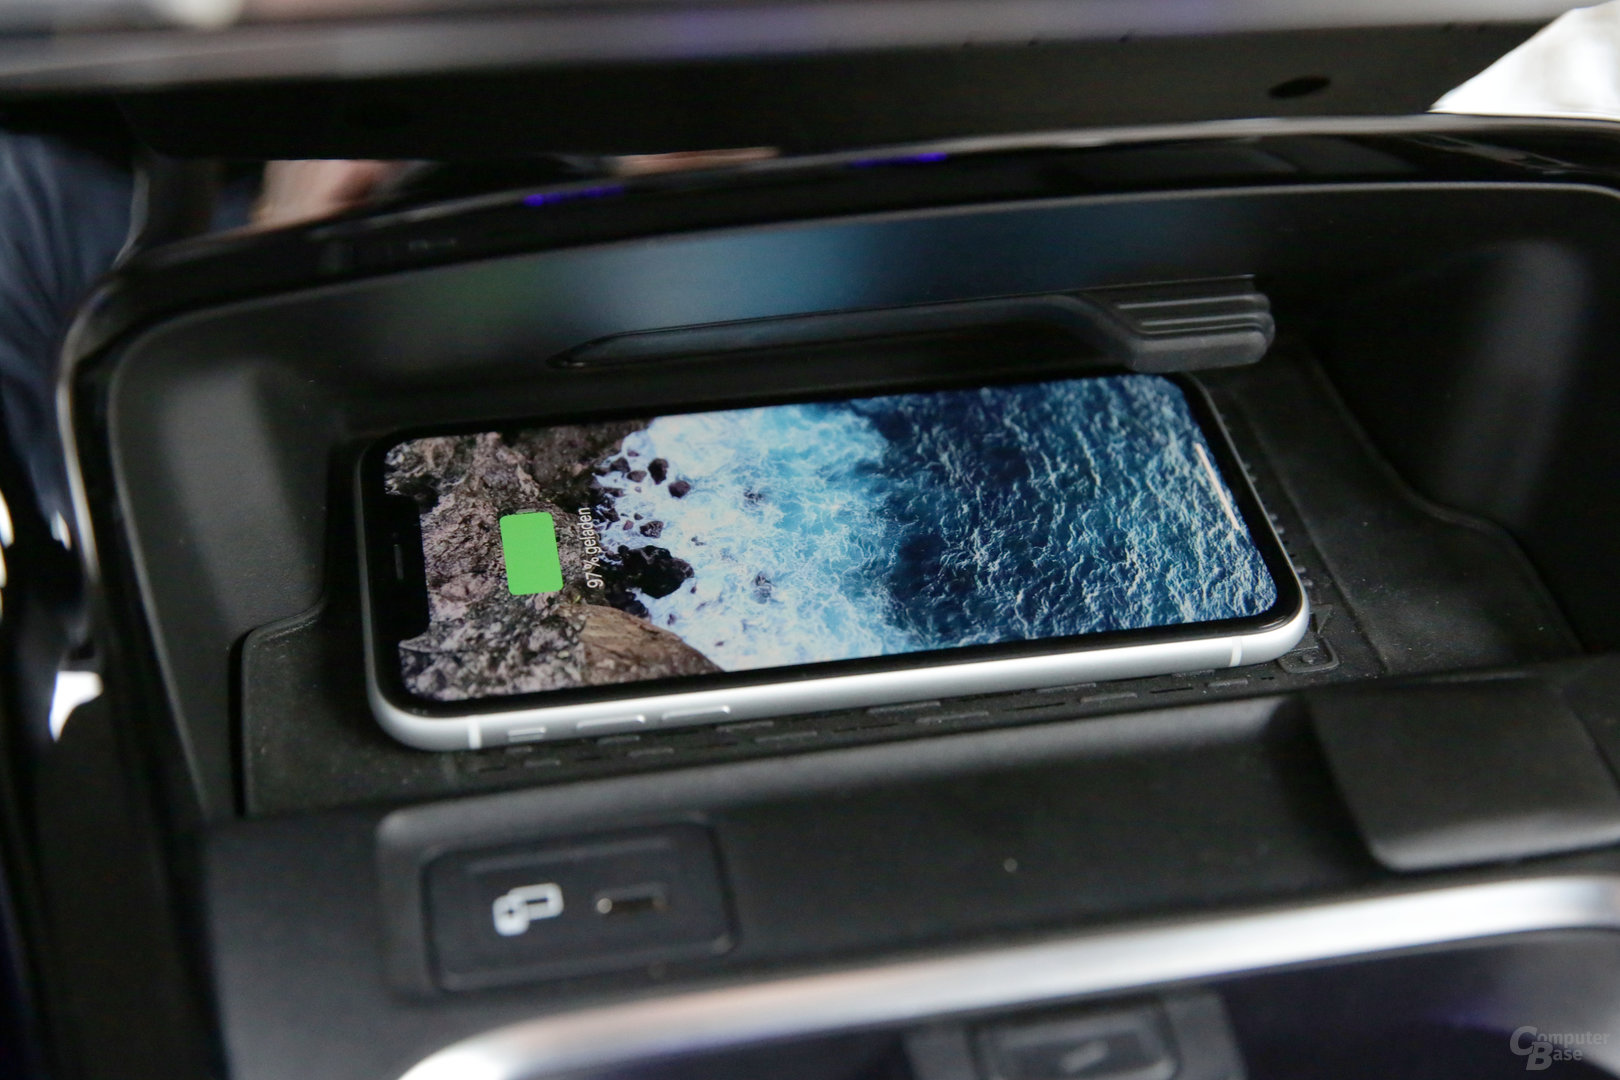 Kabelloses Aufladen von Smartphones